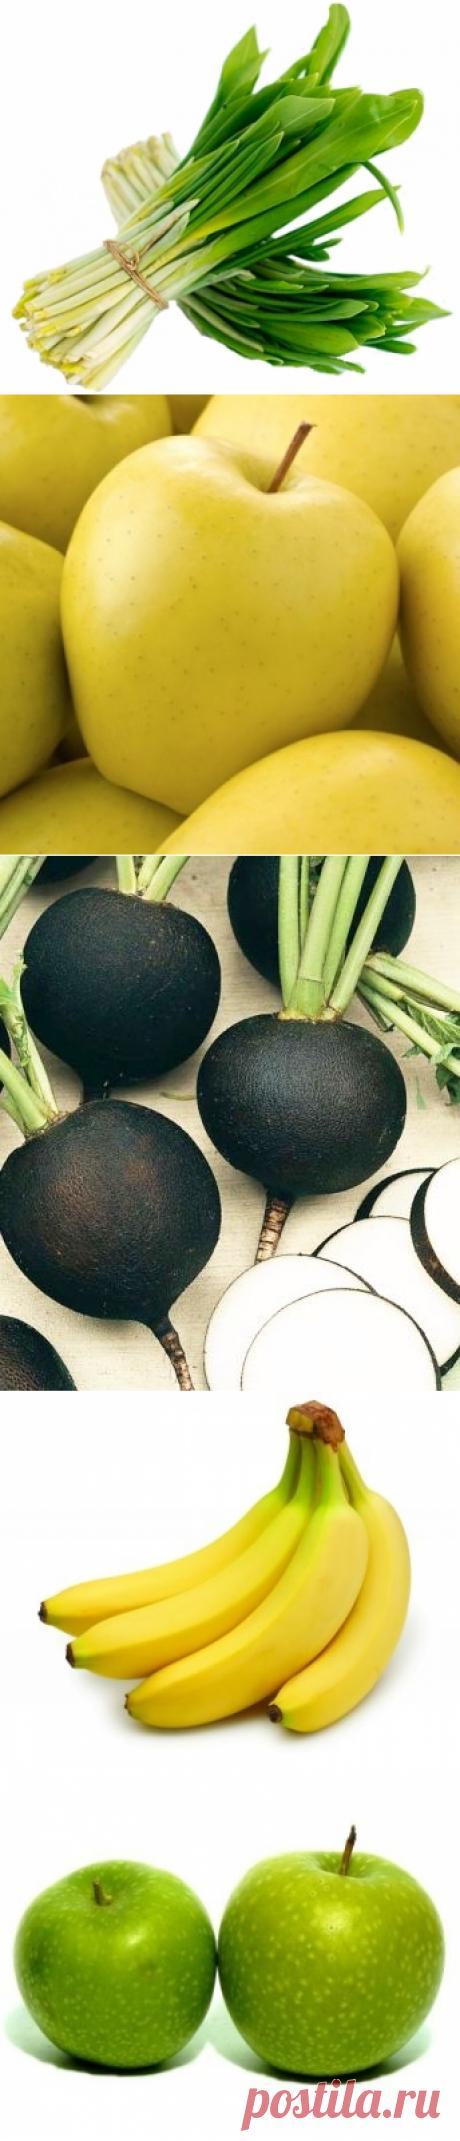 Agro-Shop.md - Magazin de fructe și legume cu livrare la domiciliu | Agro-Shop Fructe si Legume cu Livrare La Domiciliu